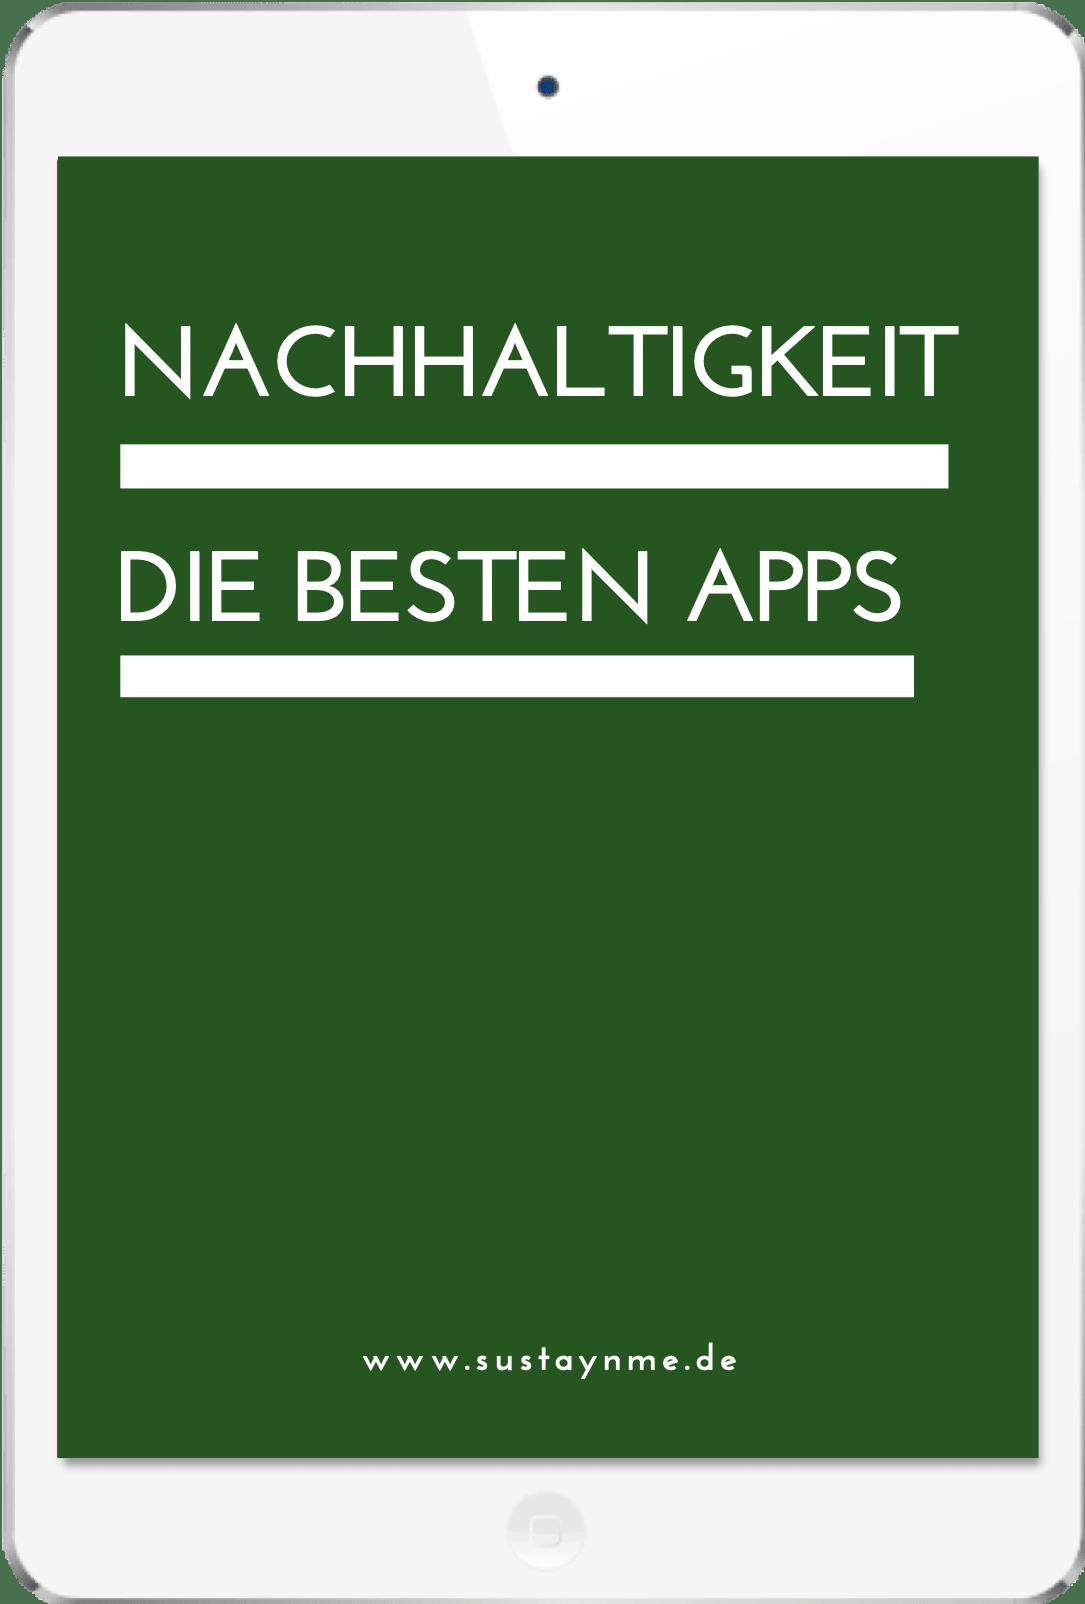 apps smartphone Nachhaltigkeit sustaynme